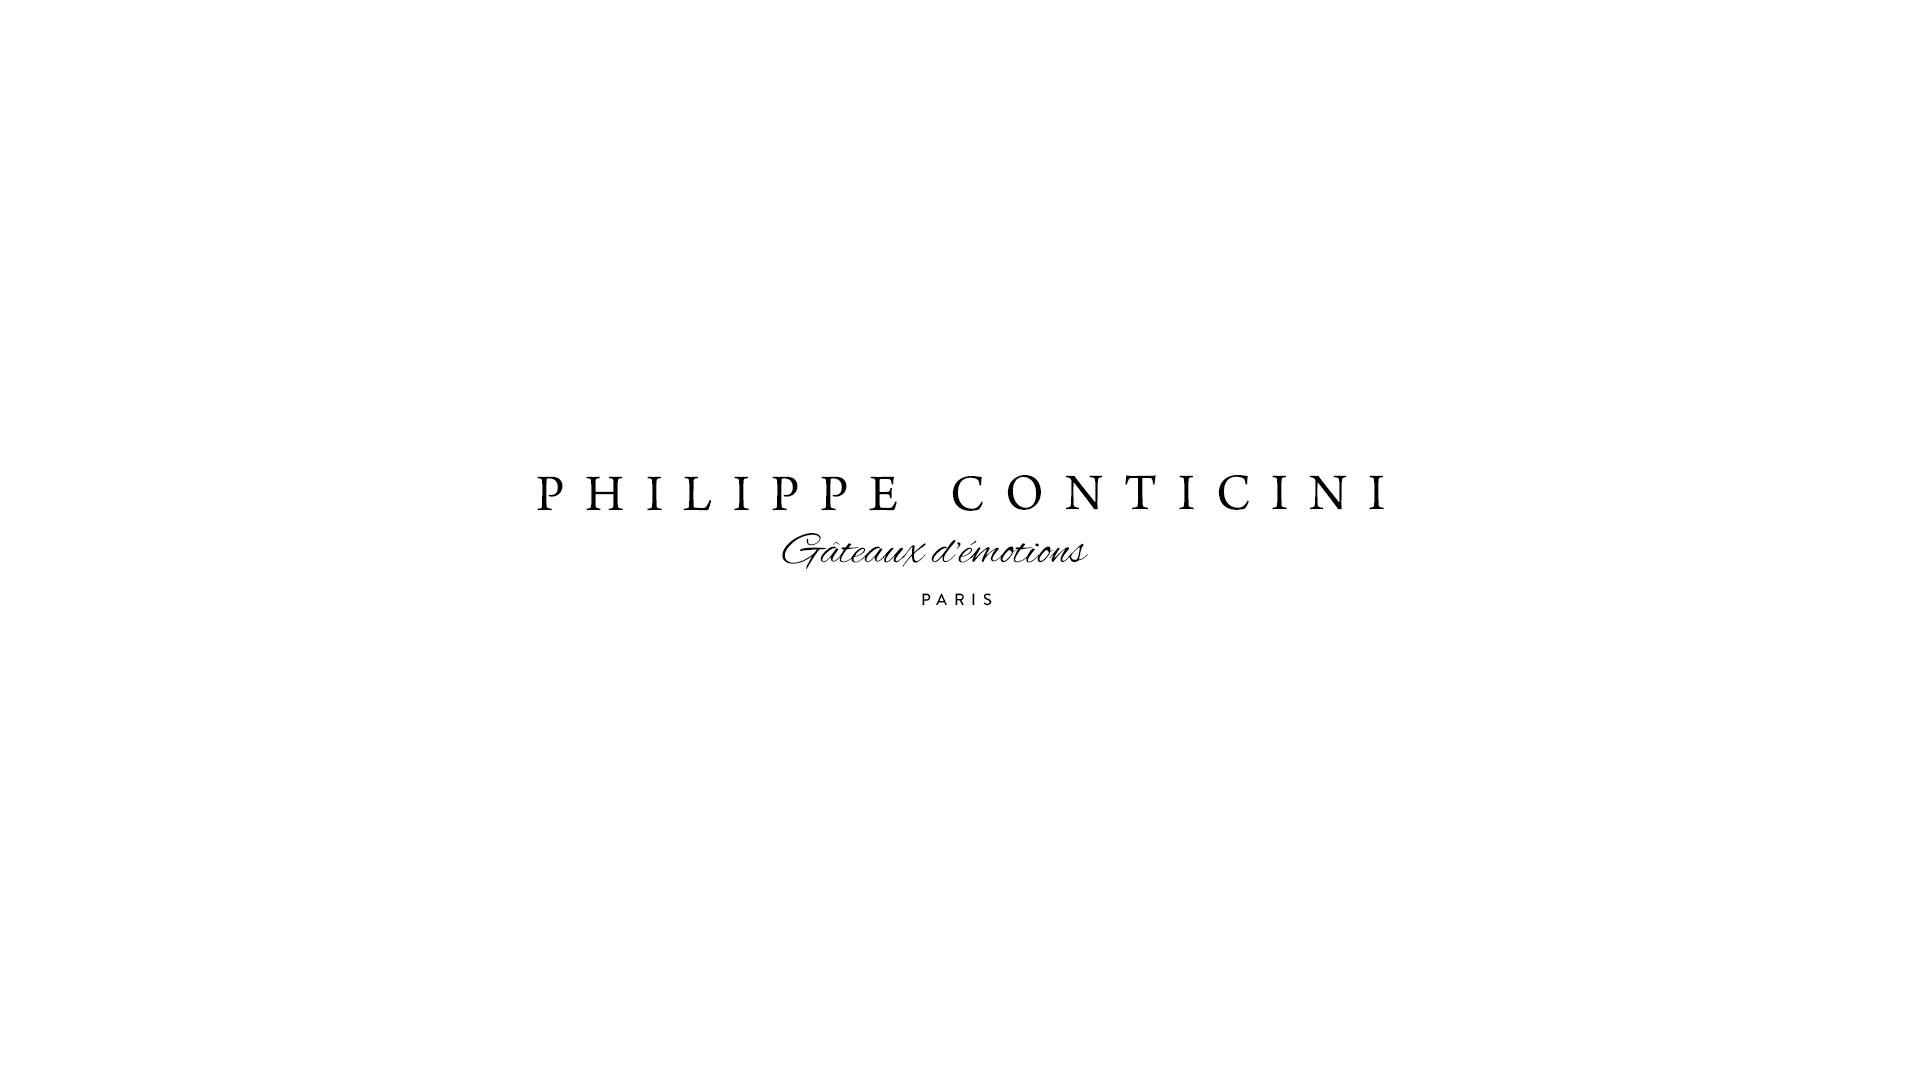 Philippe CONTICINI